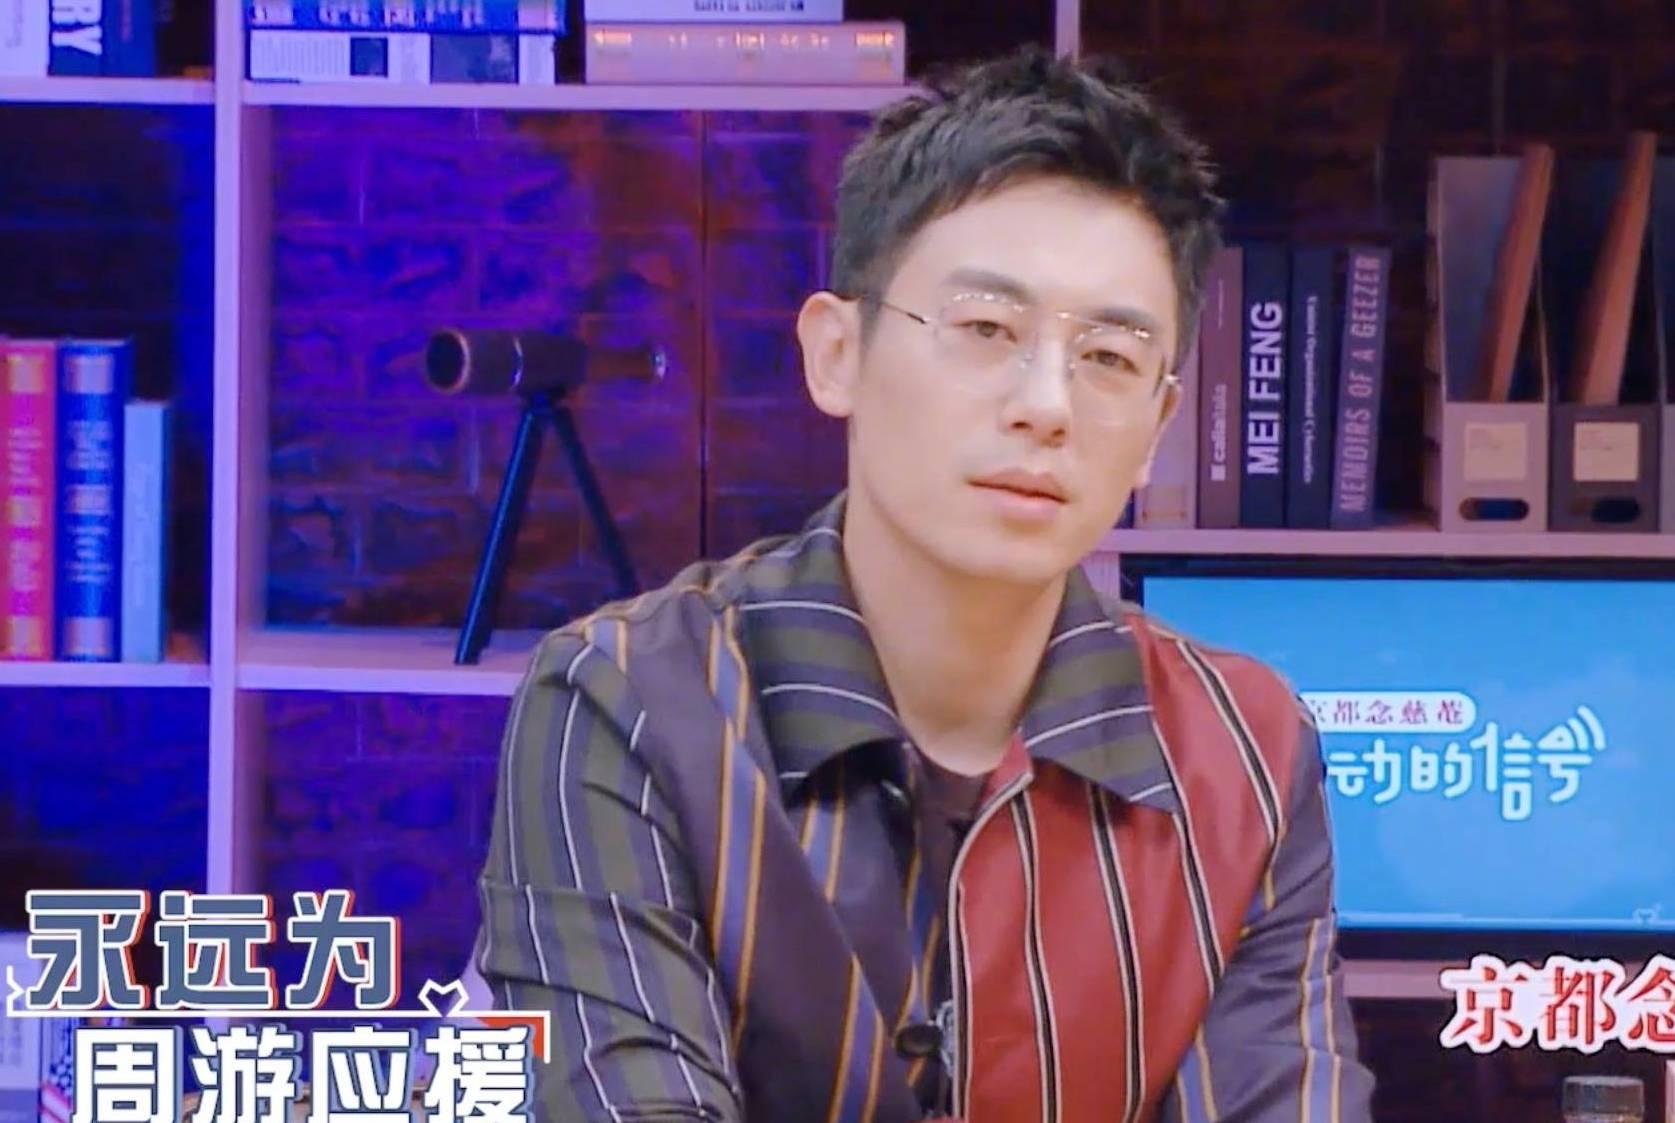 两档综艺官宣,章子怡回应质疑,跑男团大换血,网友直呼不会看了